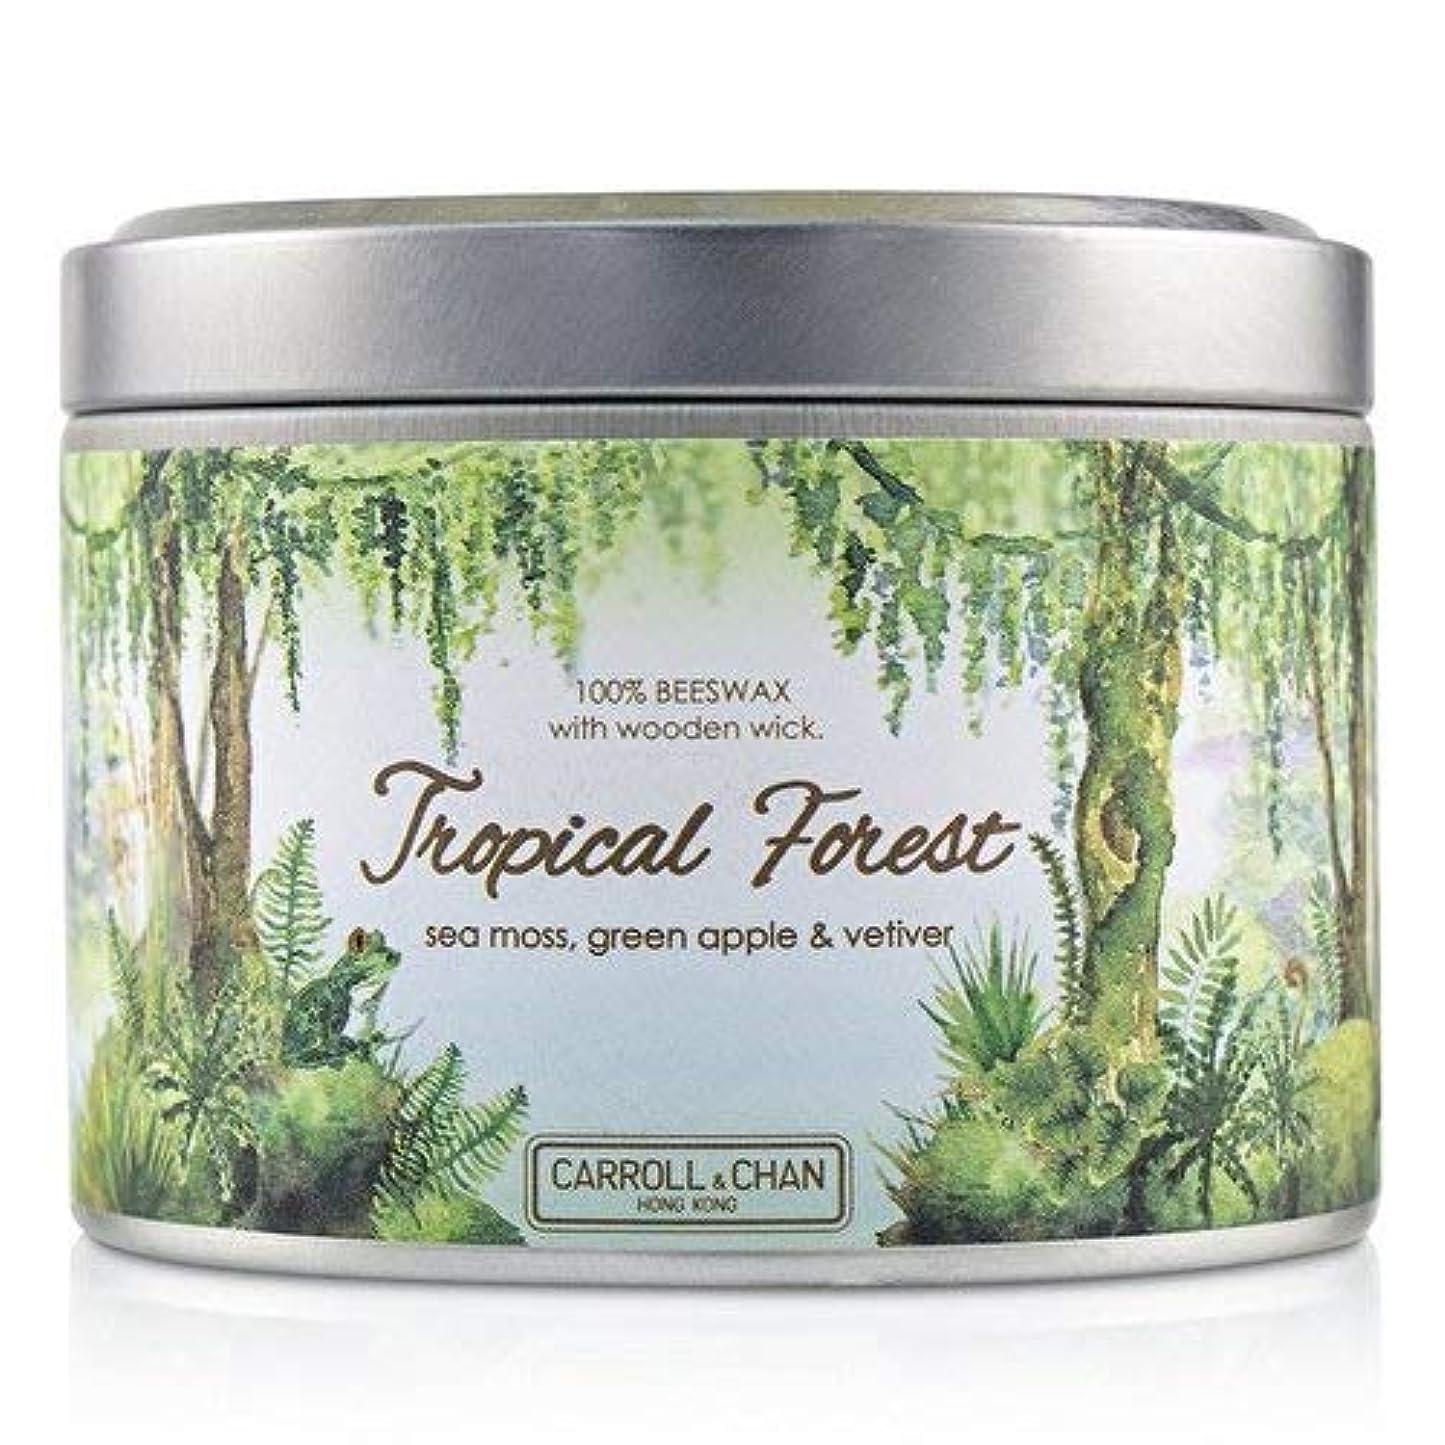 変換以上感嘆符キャンドル?カンパニー Tin Can 100% Beeswax Candle with Wooden Wick - Tropical Forest (8x5) cm並行輸入品